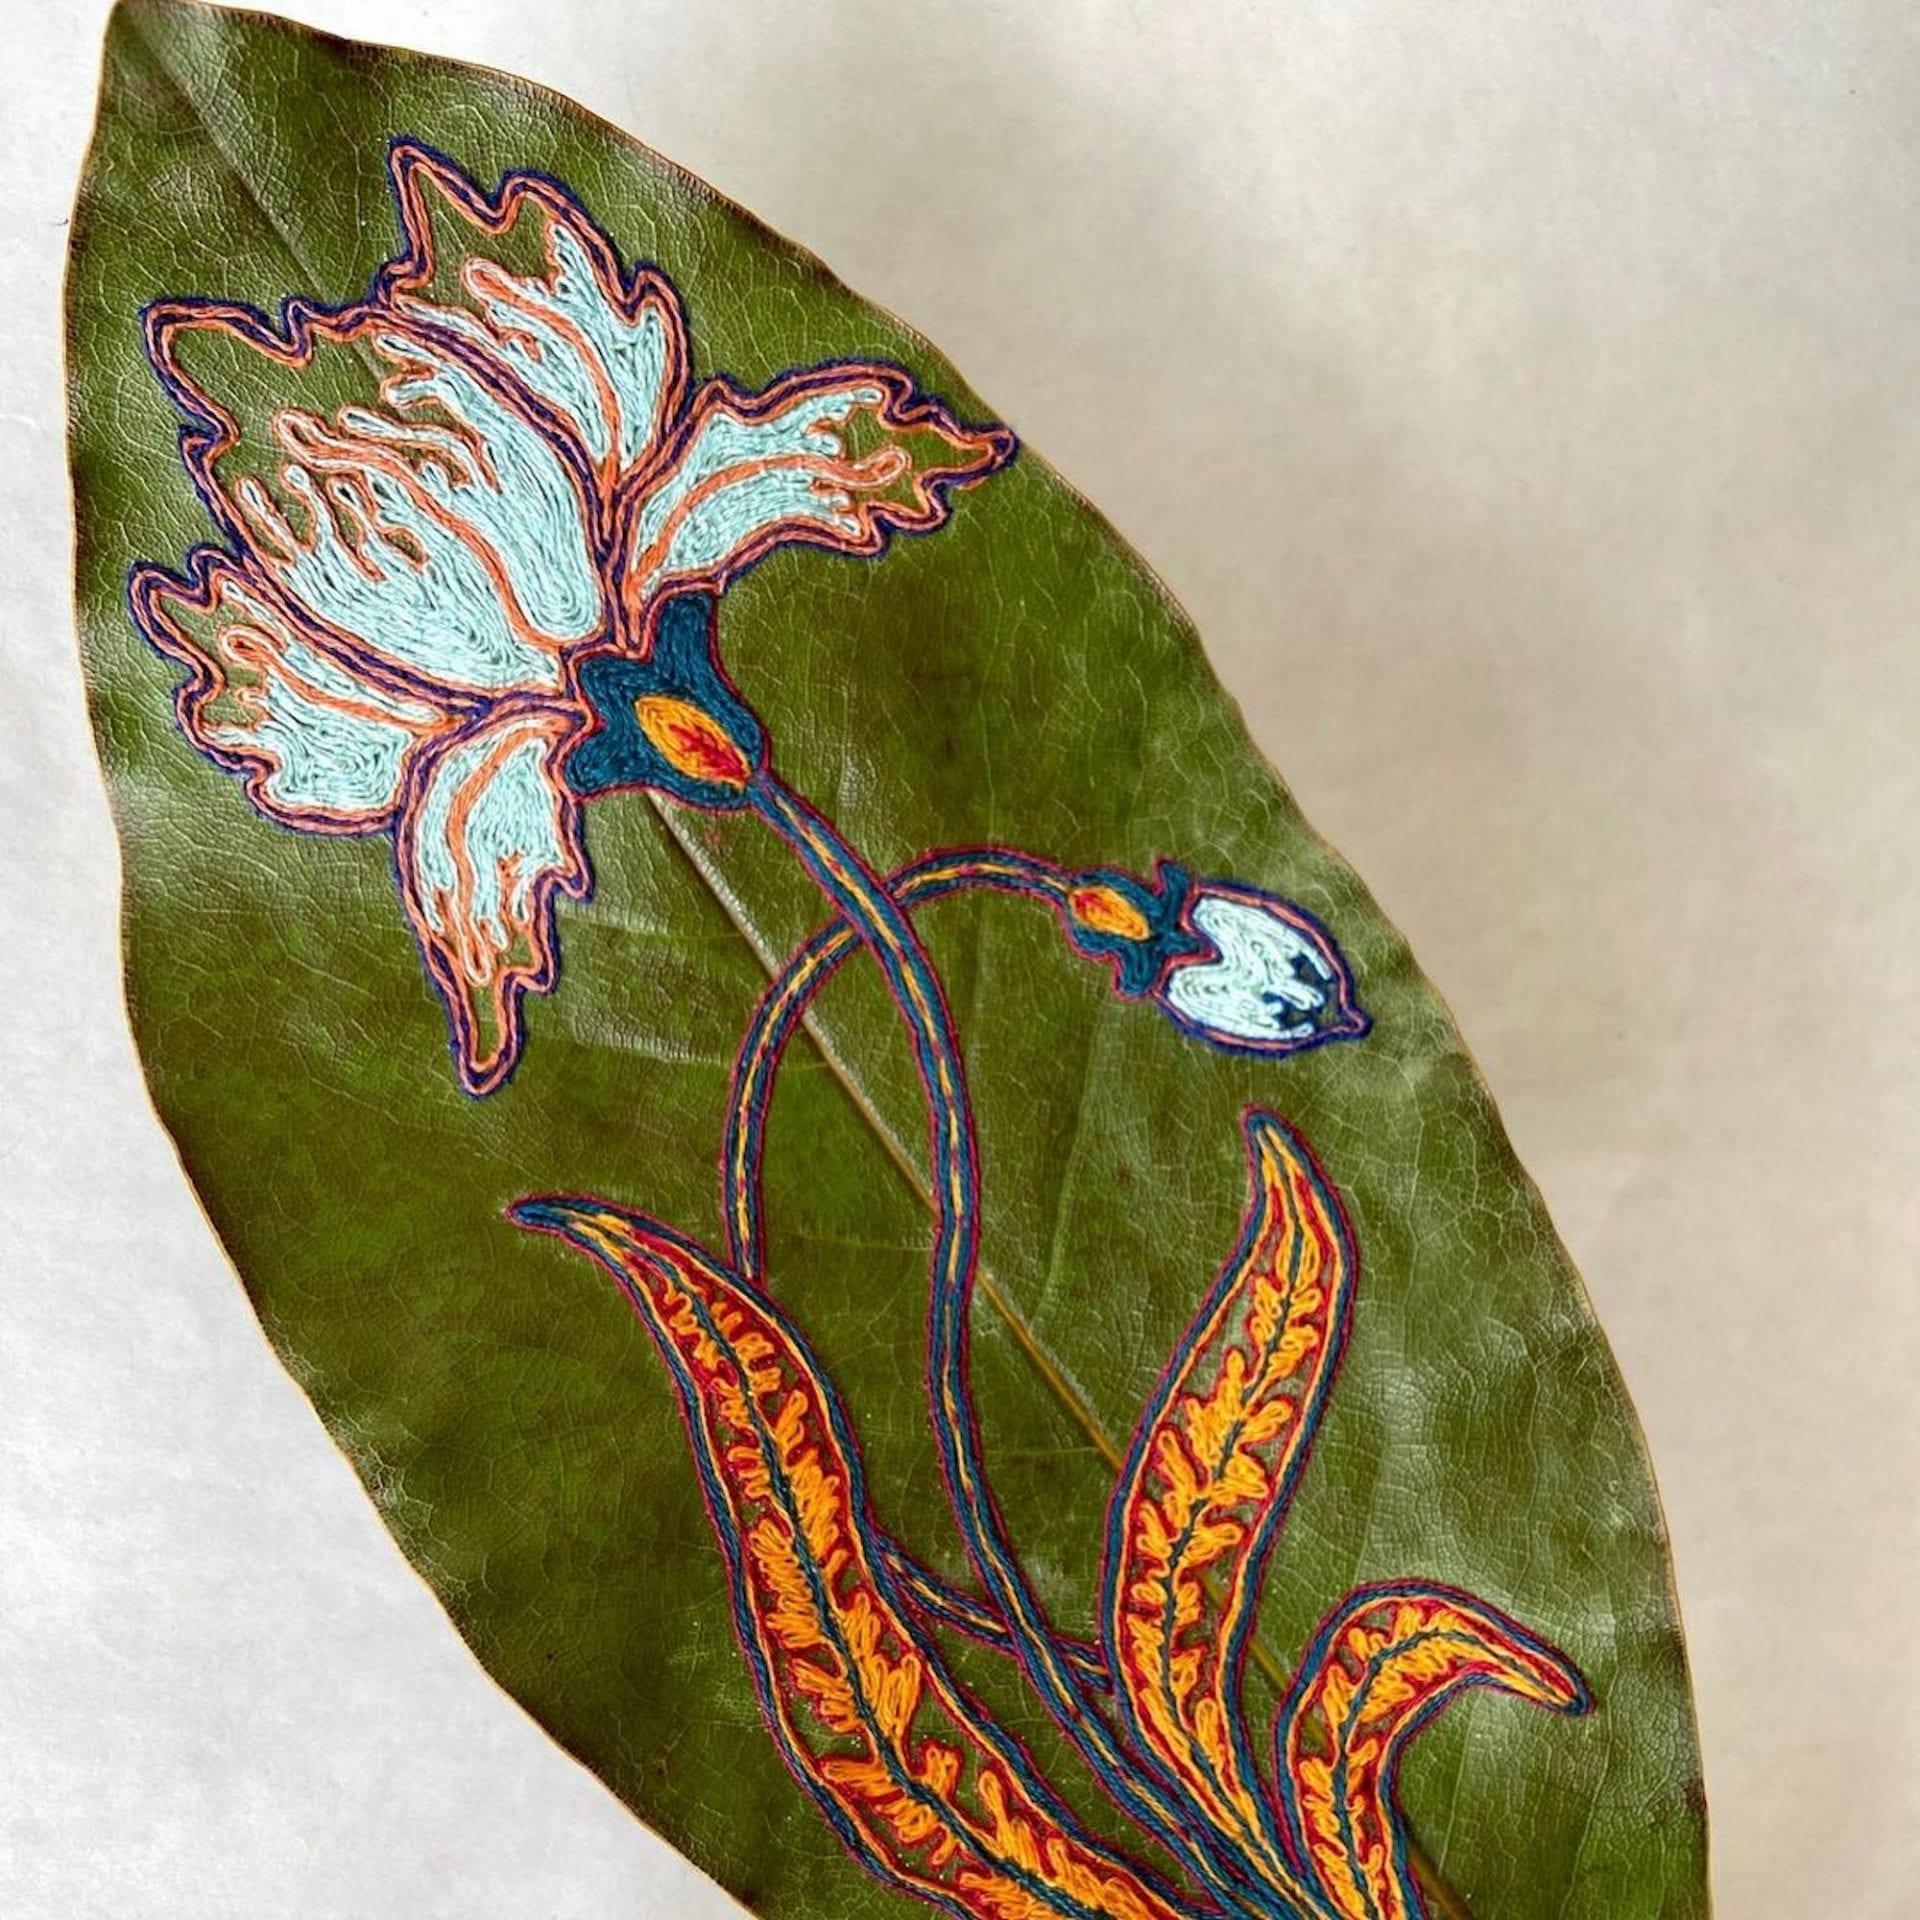 L'artiste Hillary Waters Fayle réalise de merveilleuses broderies sur des feuilles séchées